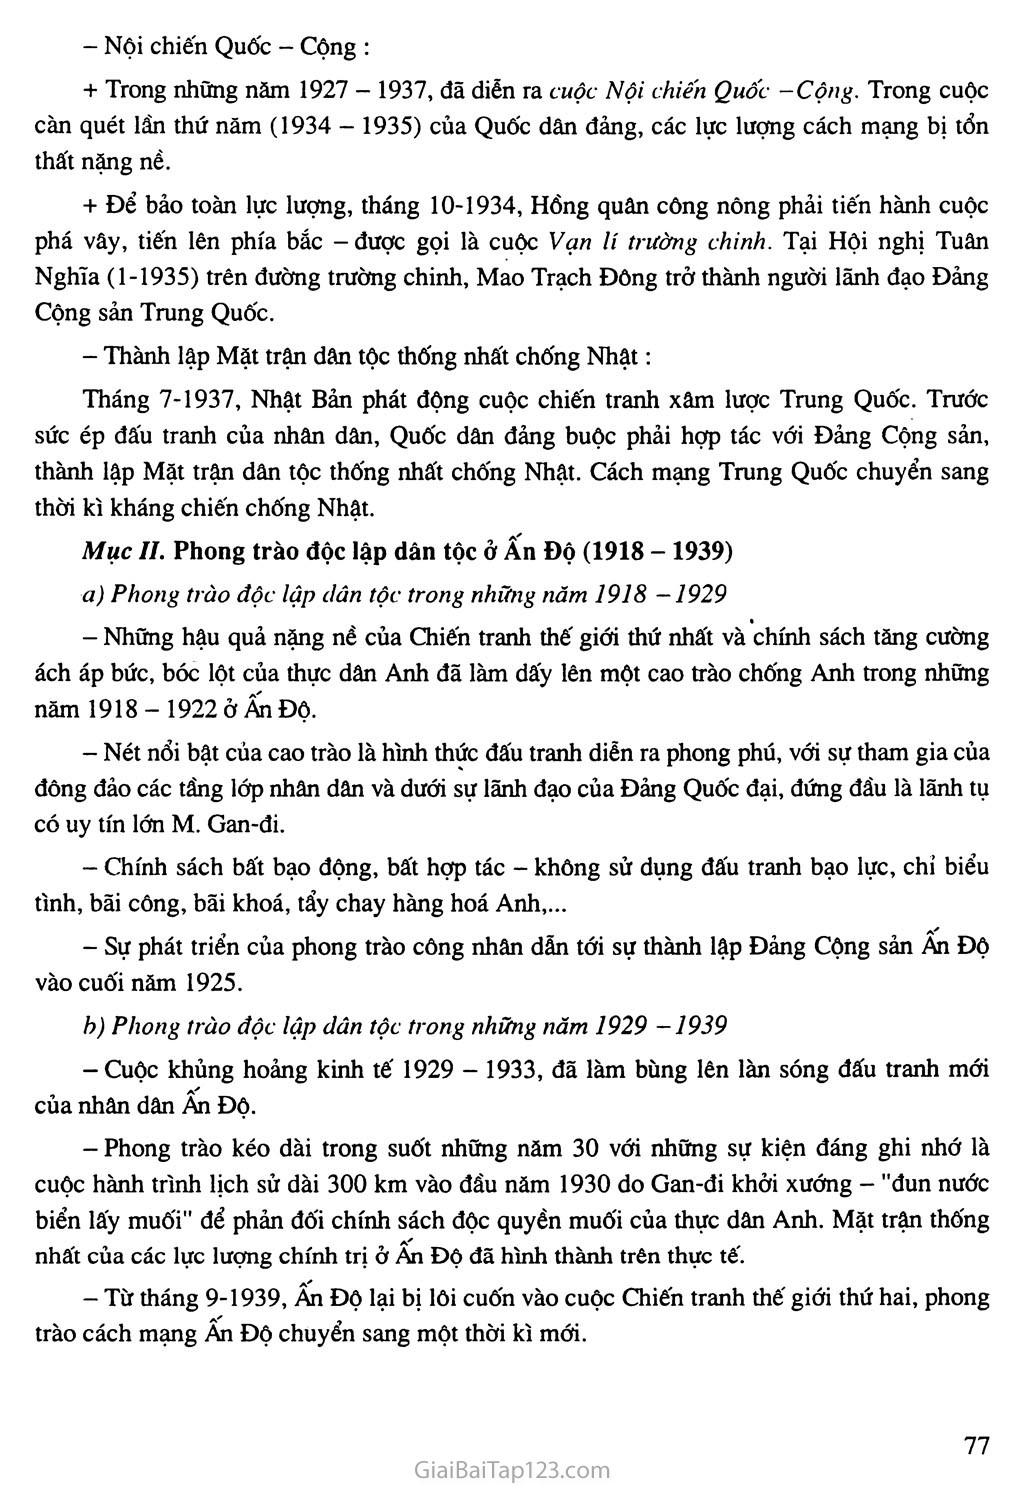 Bài 15: Phong trào cách mạng ở Trung Quốc và Ấn Độ (1918 - 1939) trang 3